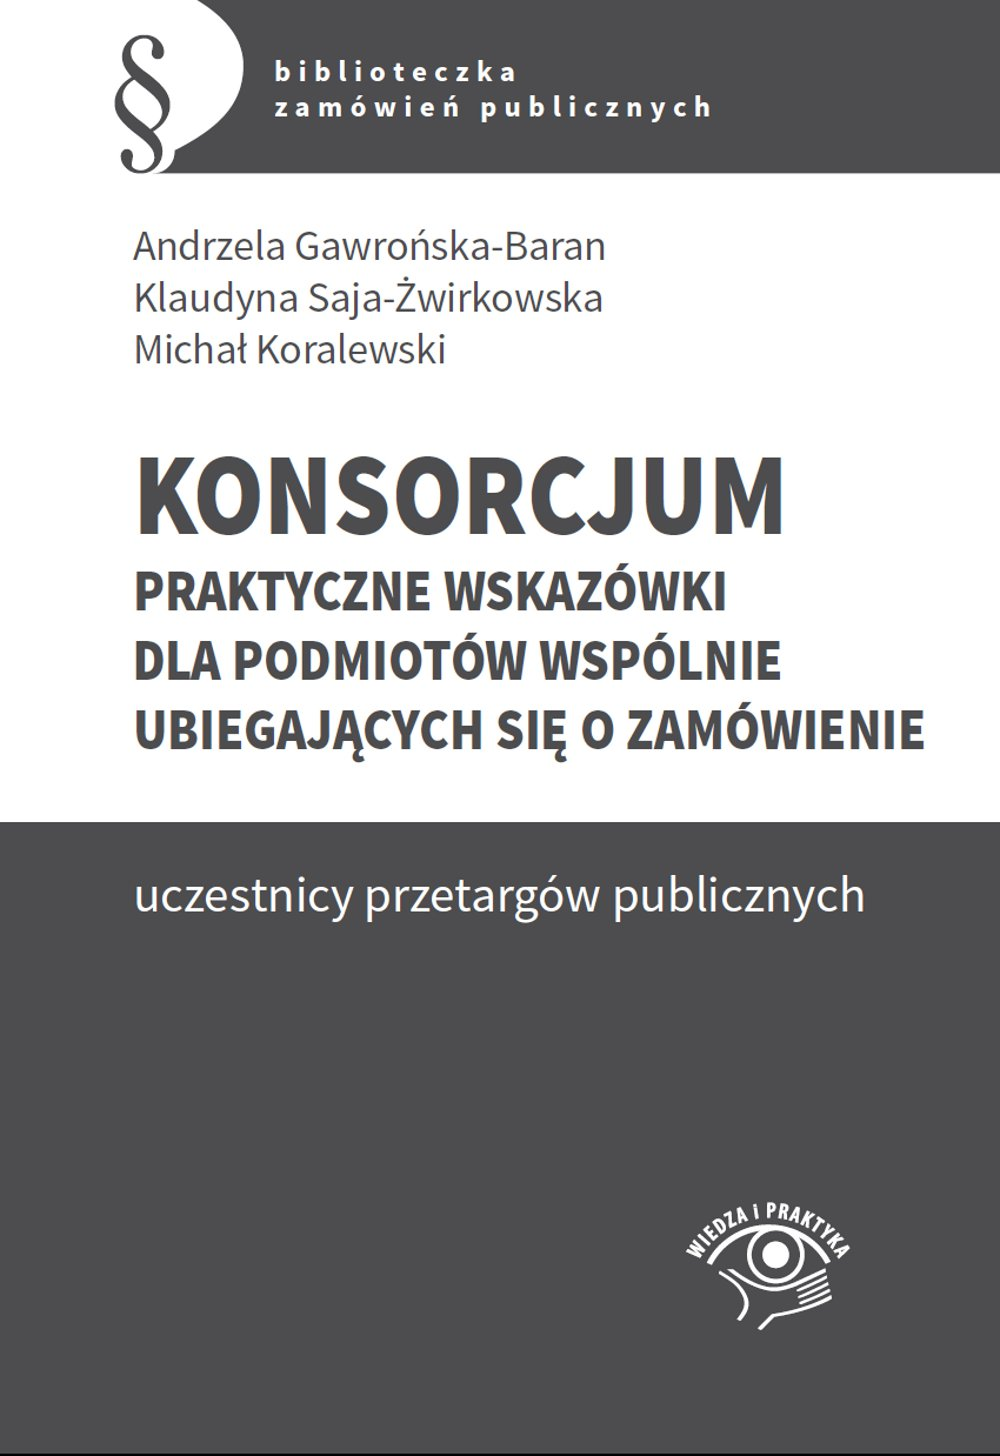 Konsorcjum. Praktyczne wskazówki dla podmiotów wspólnie ubiegających się o zamówienie - Ebook (Książka PDF) do pobrania w formacie PDF